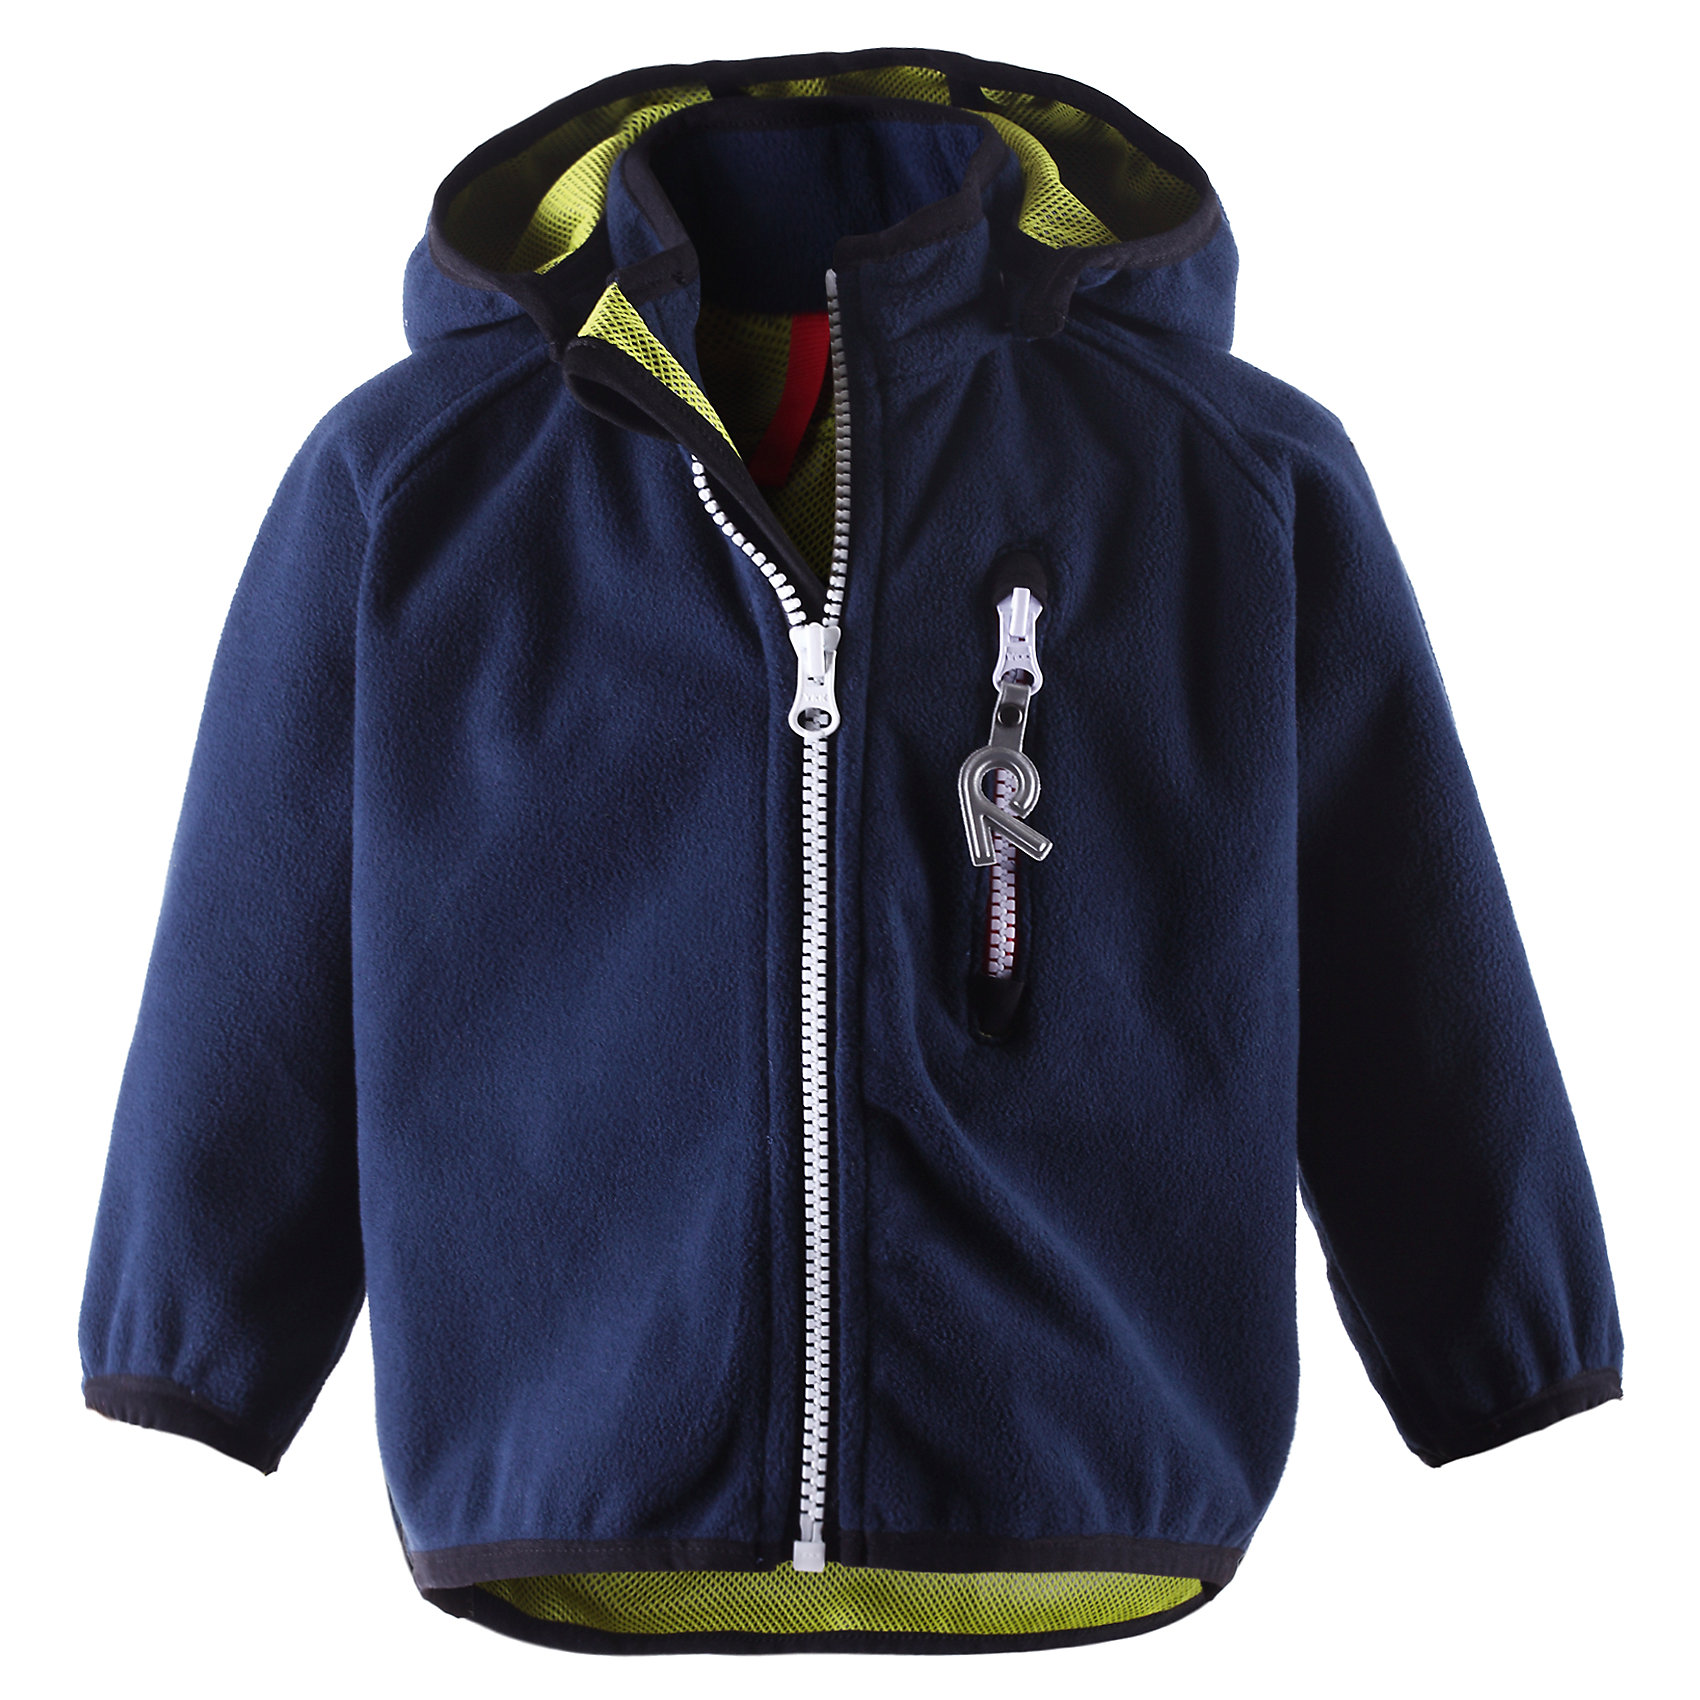 Куртка ReimaЭта ветронепроницаемая флисовая куртка Reima (Рейма) подходит для отдыха ранней осенью. Можно использовать в качестве промежуточного слоя при более холодной погоде.<br><br>Дополнительная информация:<br><br>Состав: 100% Полиэстер, Полиуретан-мембрана<br>Детская куртка из материала Windfleece<br>Ветронепроницаемый и дышащий материал<br>Подкладка из mesh-сетки контрастной расцветки<br>Съемный капюшон<br>Молния по всей длине комбинезона с защитой подбородка<br>Светоотражающие детали<br>Удлиненная спинка<br><br>Куртку Reima (Рейма) можно купить в нашем магазине.<br><br>Ширина мм: 356<br>Глубина мм: 10<br>Высота мм: 245<br>Вес г: 519<br>Цвет: синий<br>Возраст от месяцев: 9<br>Возраст до месяцев: 12<br>Пол: Мужской<br>Возраст: Детский<br>Размер: 80,74,92,86,98<br>SKU: 4161025